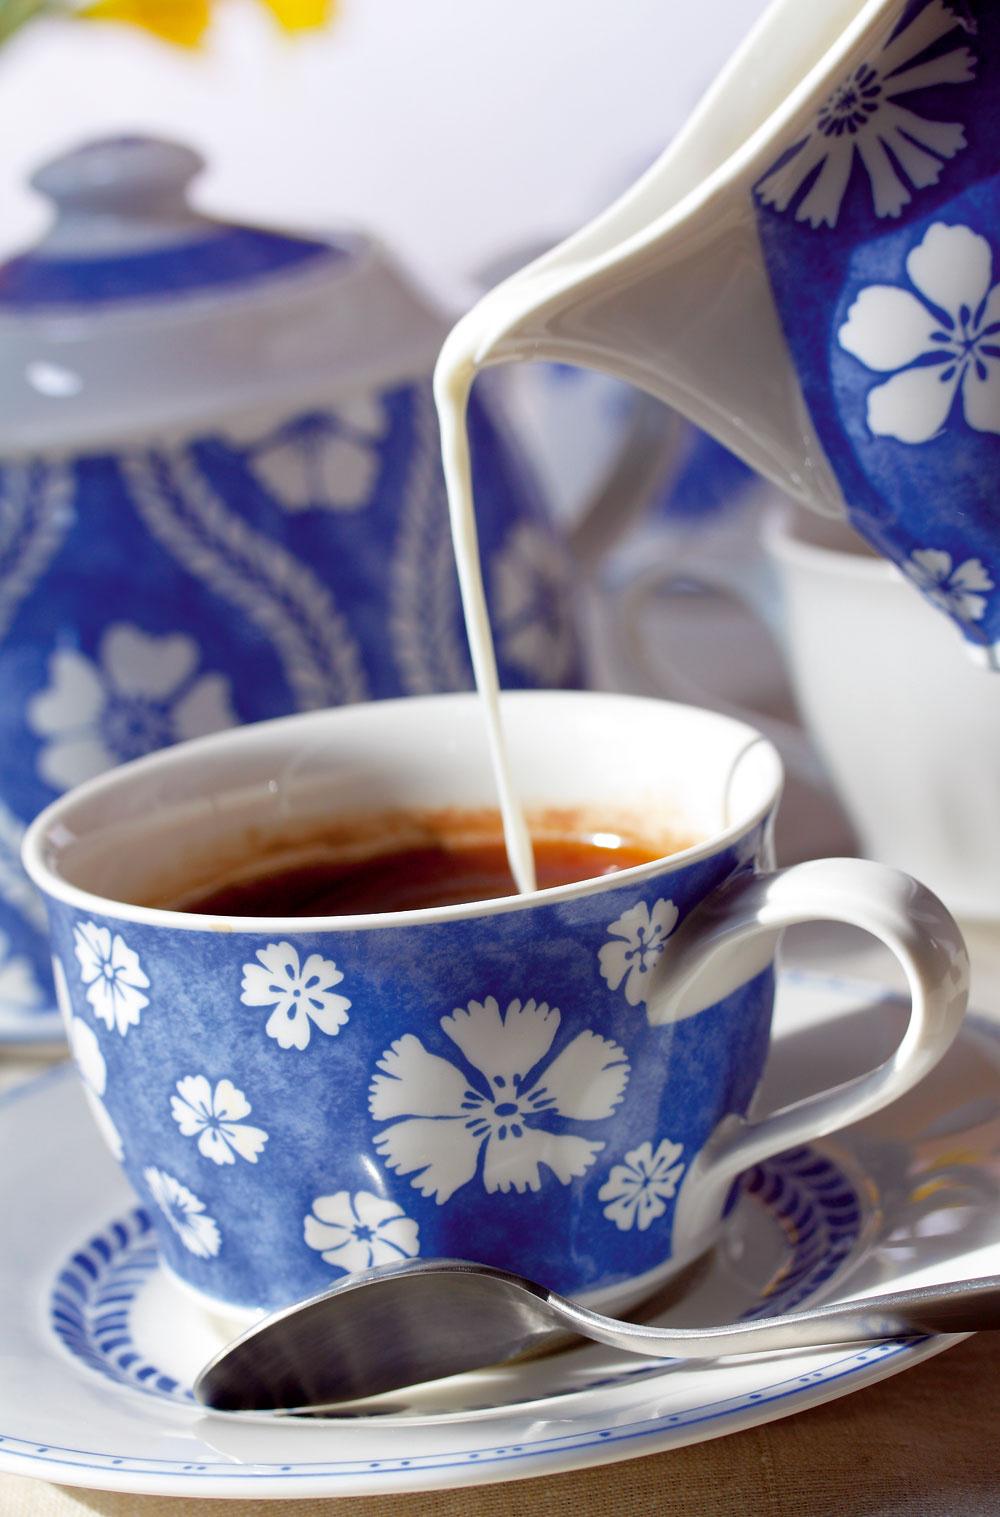 Šálka stanierikom, cena 18 €. Kanvička na mlieko, cena 27,70€. Čajník, cena 73,20 €, všetko zkolekcie Farmhouse Touch blue. Predáva Villeroy & Boch, Atrium.